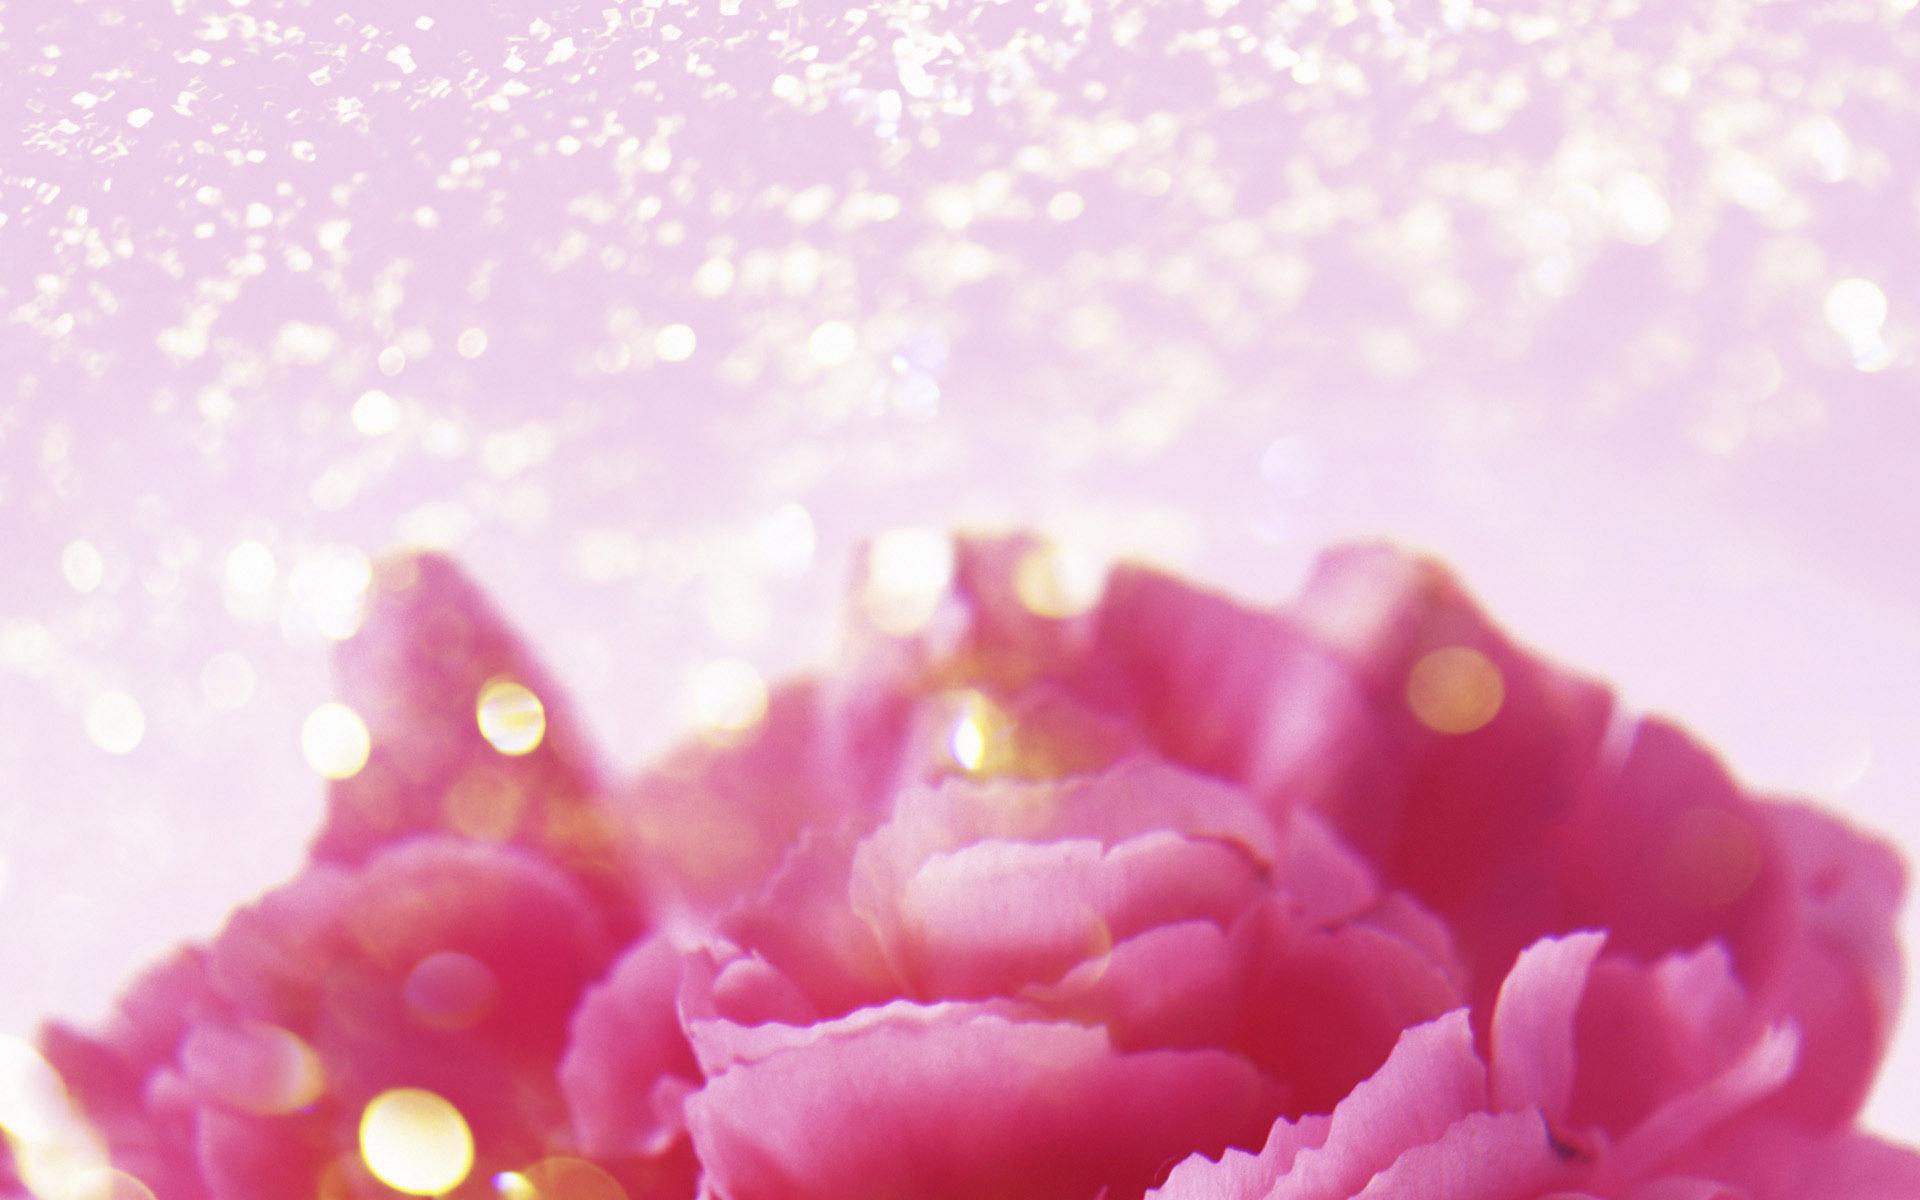 壁纸1920×1200朦胧花朵柔美 宽屏壁纸 壁纸73壁纸 朦胧花朵柔美 宽屏壁壁纸图片系统壁纸系统图片素材桌面壁纸